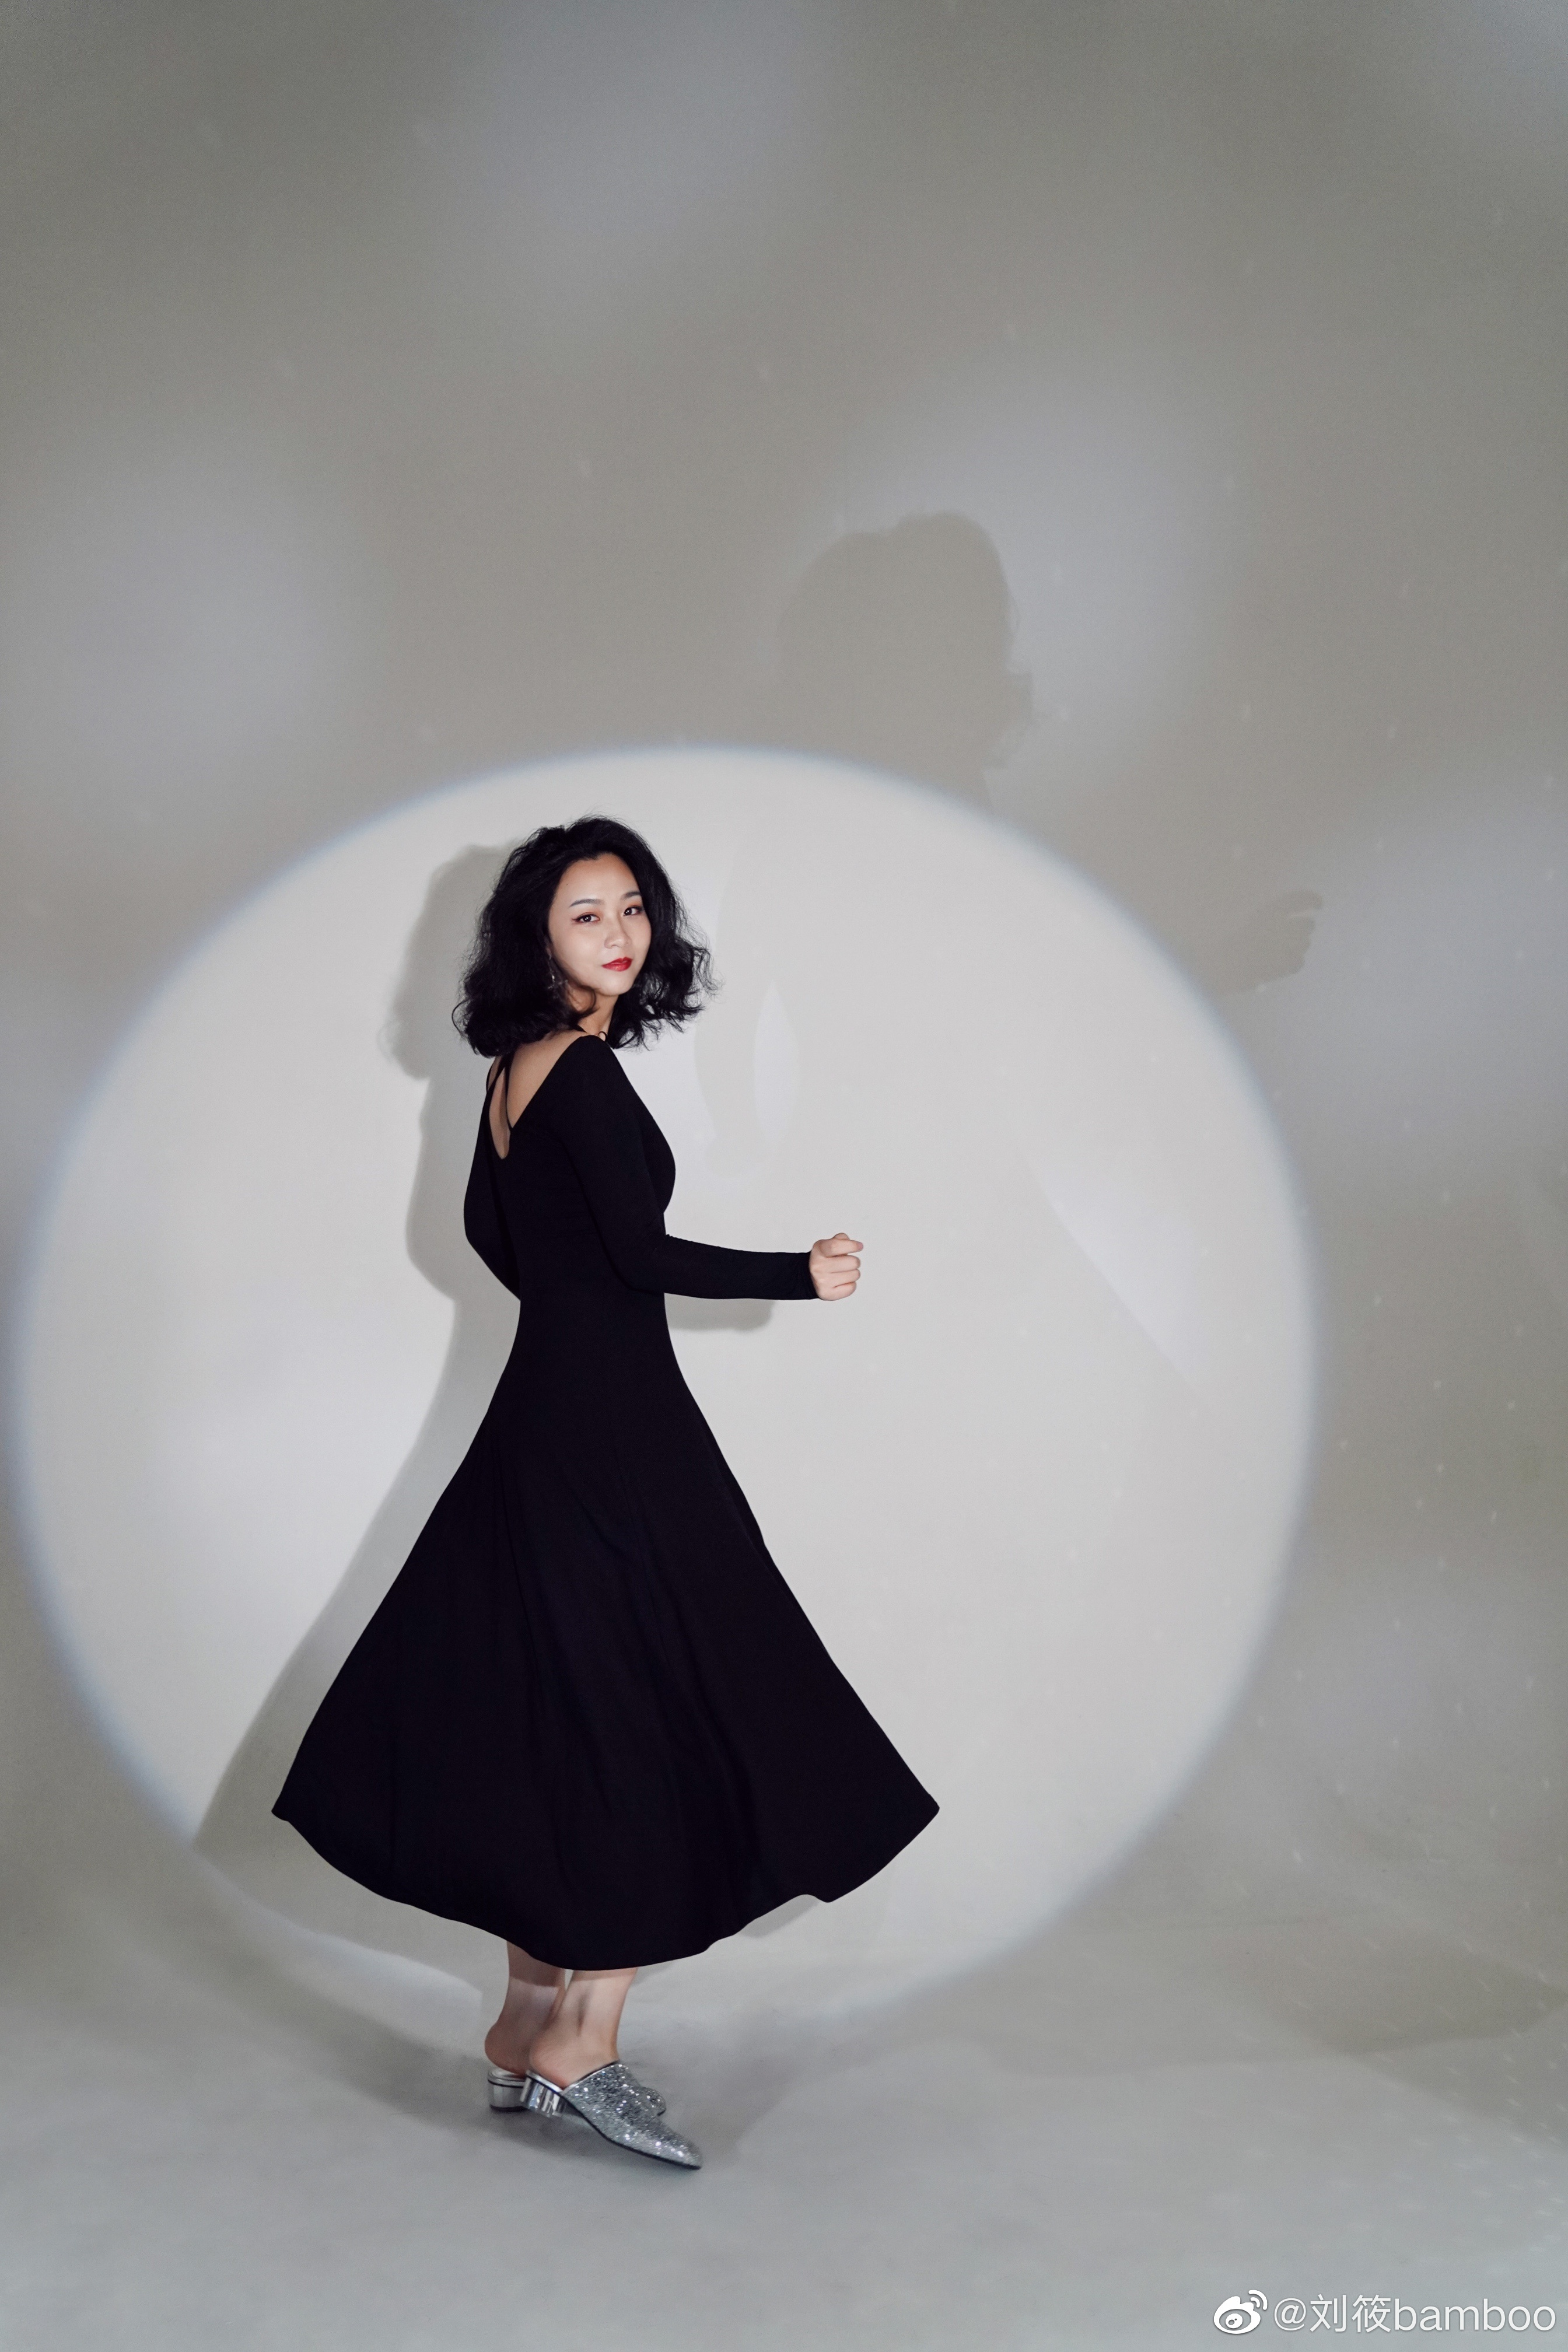 公主日记今晚准备发布第一支视频...美女